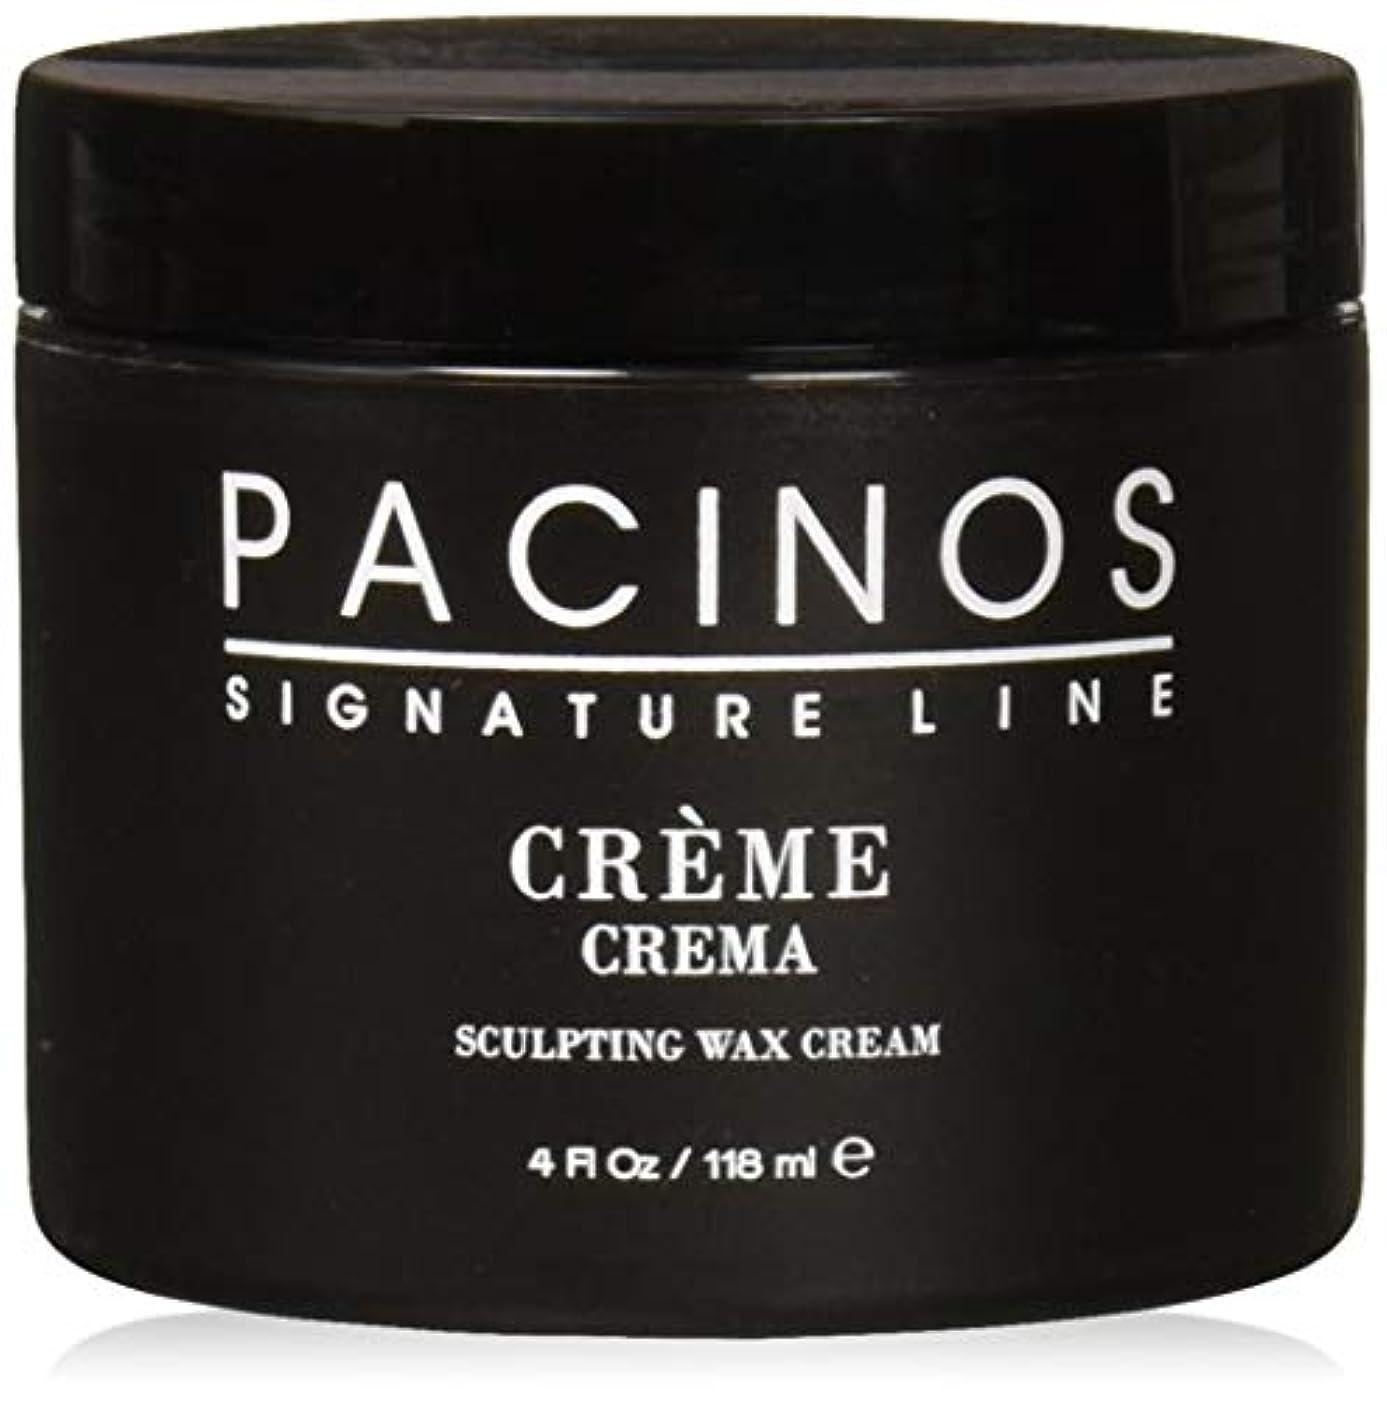 肌寒い群れ群れPacinos Grooming Elegance Creme, Sculpting Wax Cream 4oz by Pacinos [並行輸入品]